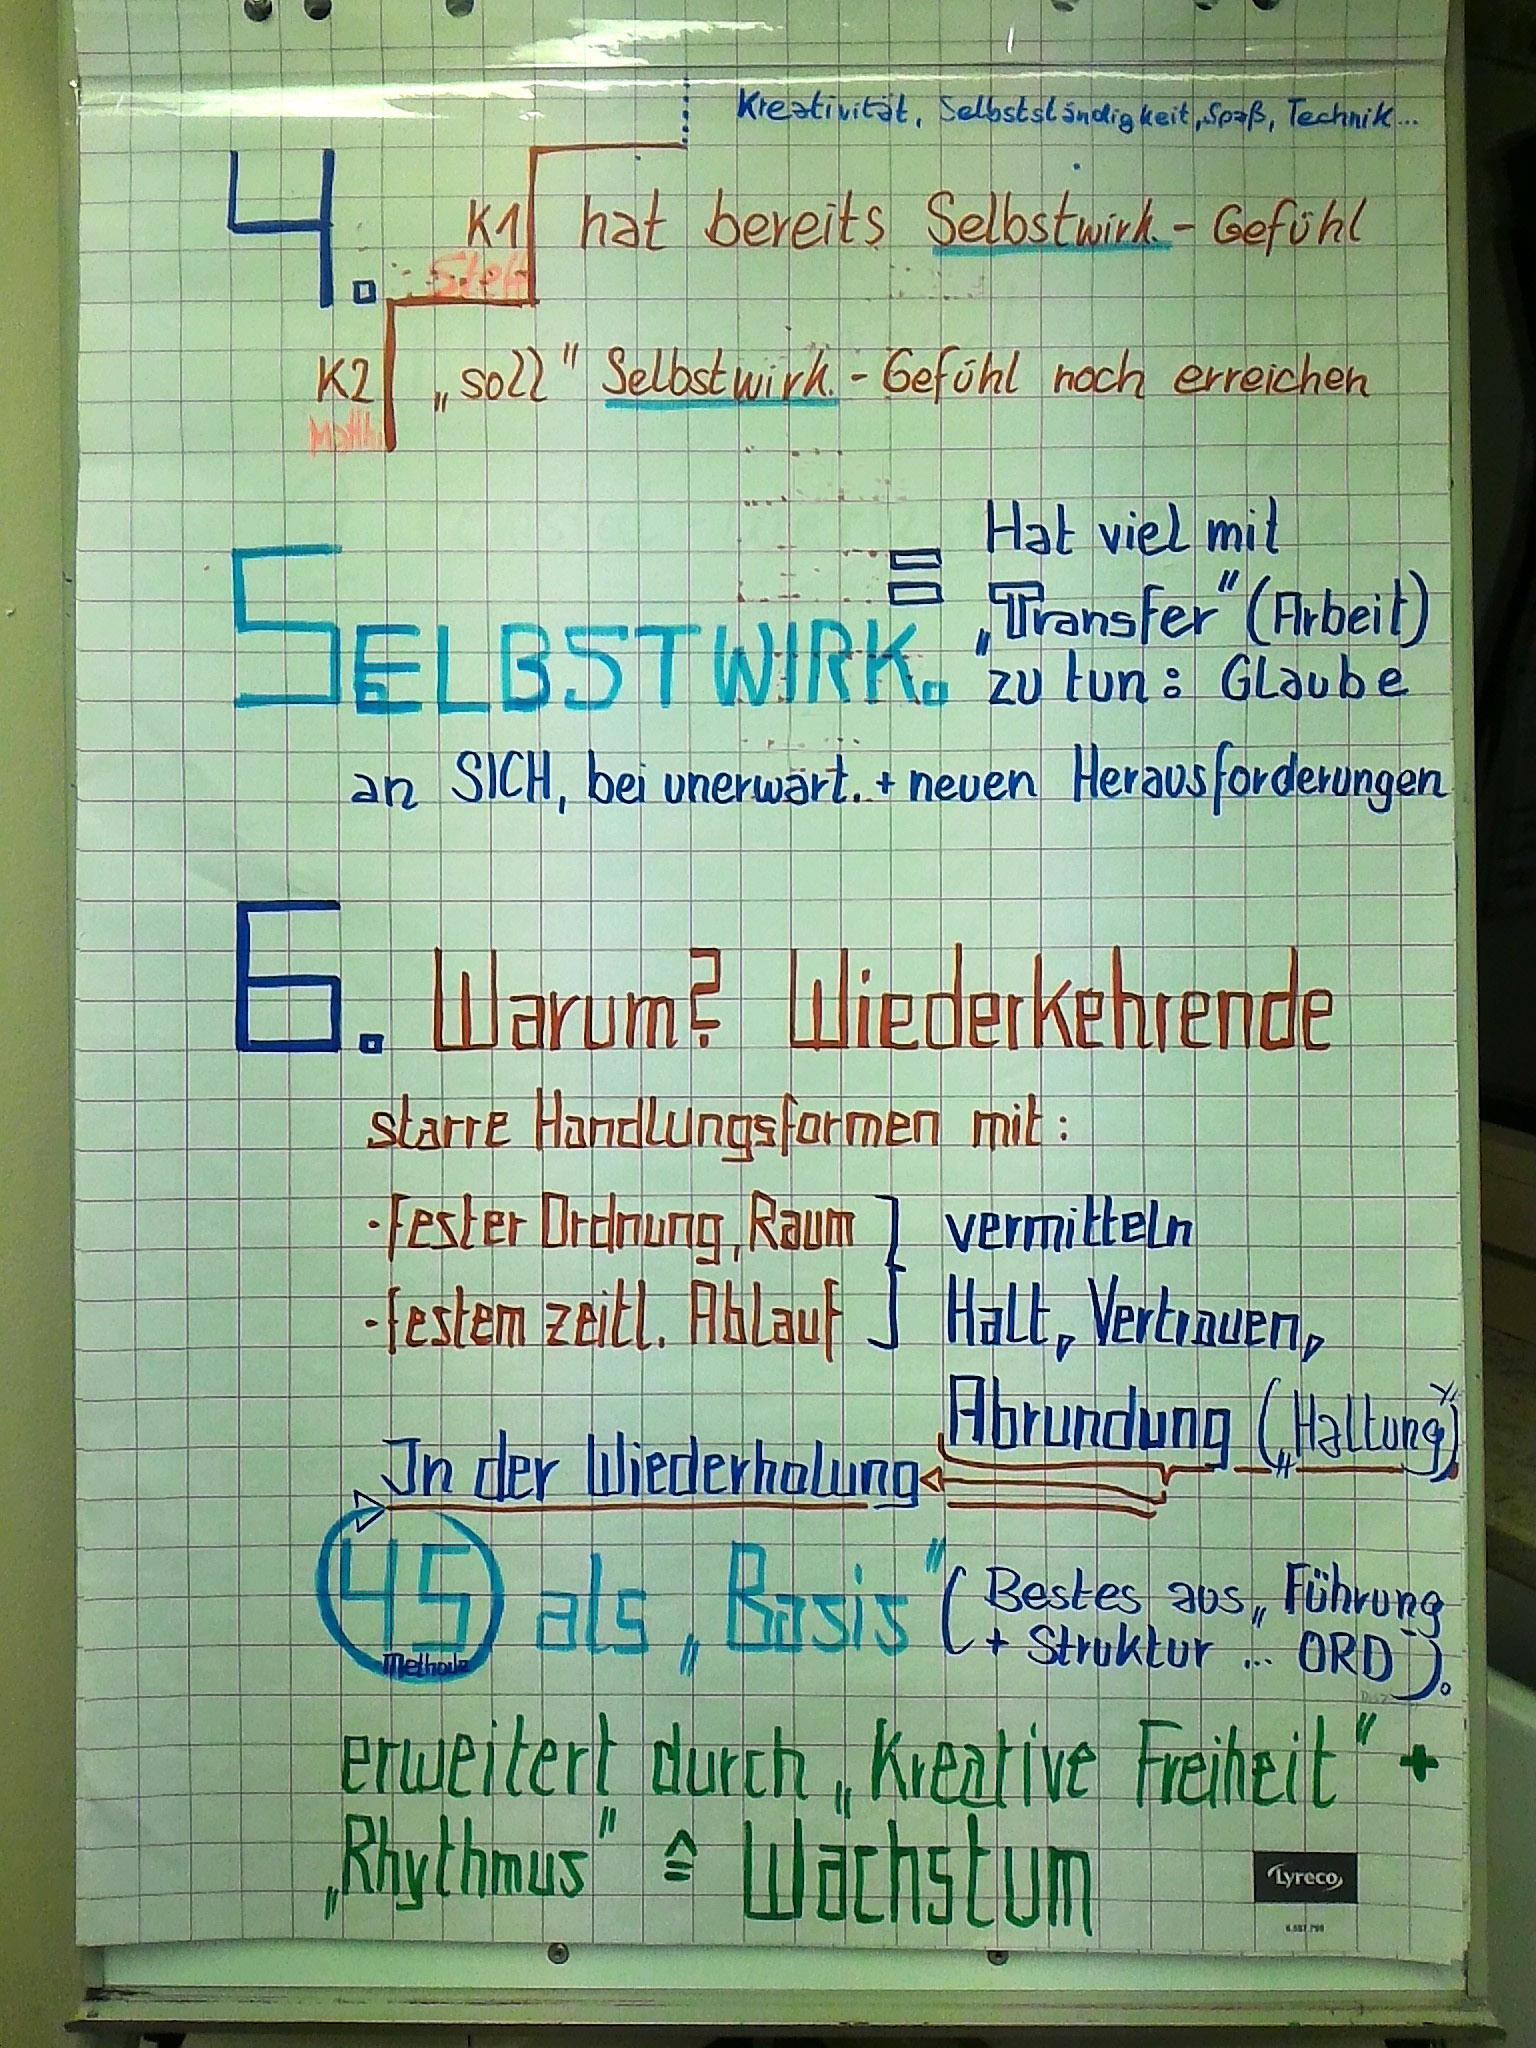 Flipchart Konzept S.3 zur Anleitung